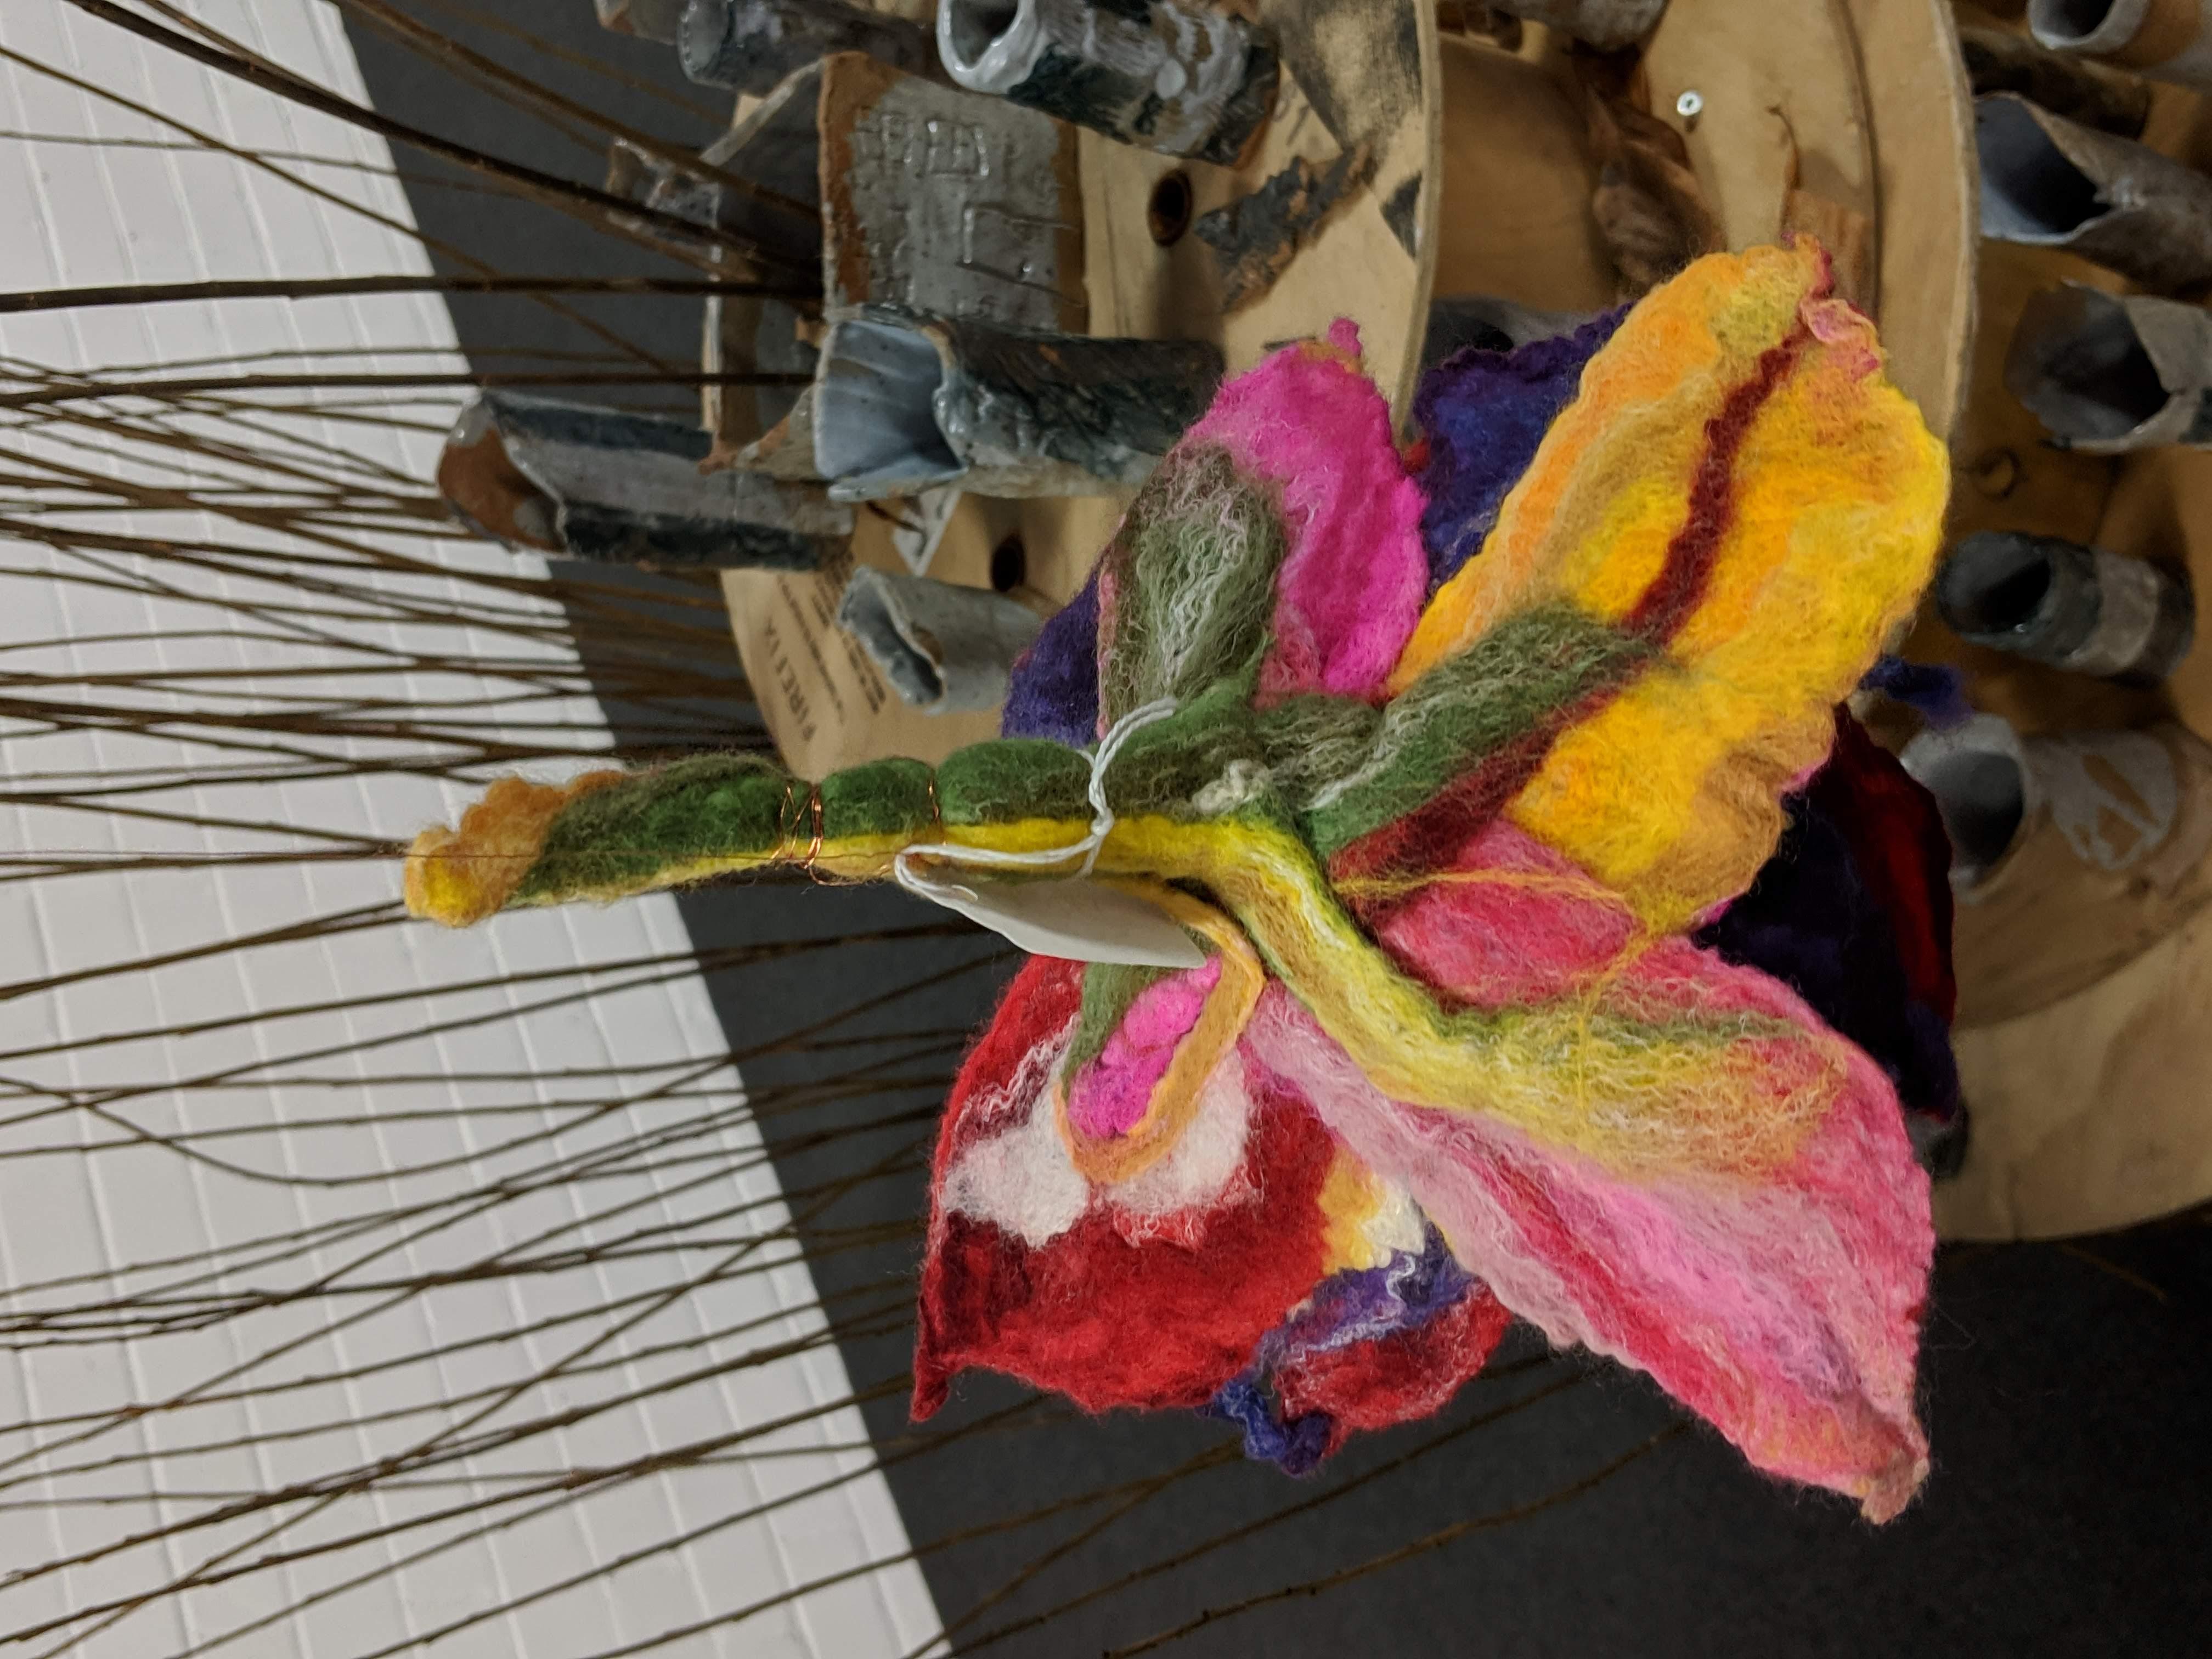 A giant fuchsia